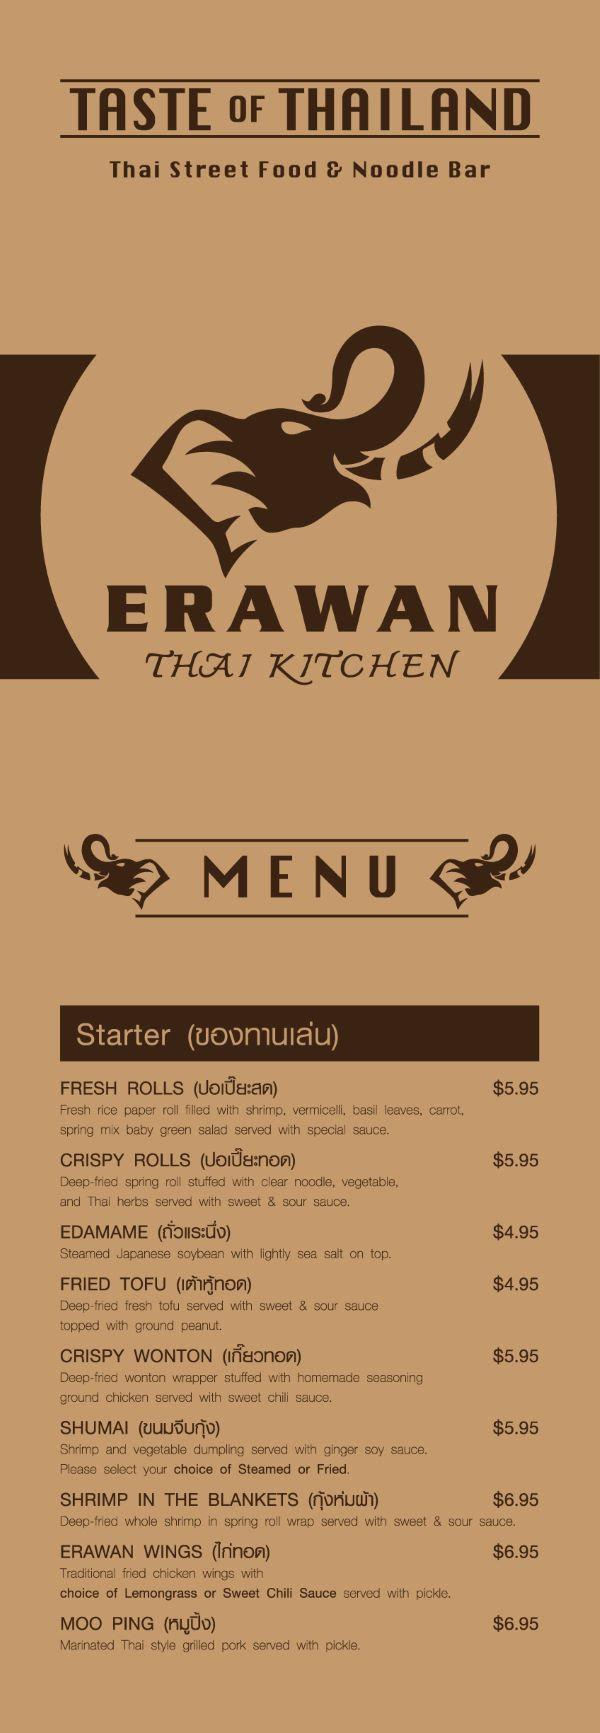 2_Erawan-MENU-web-E1-1-1_L.jpg